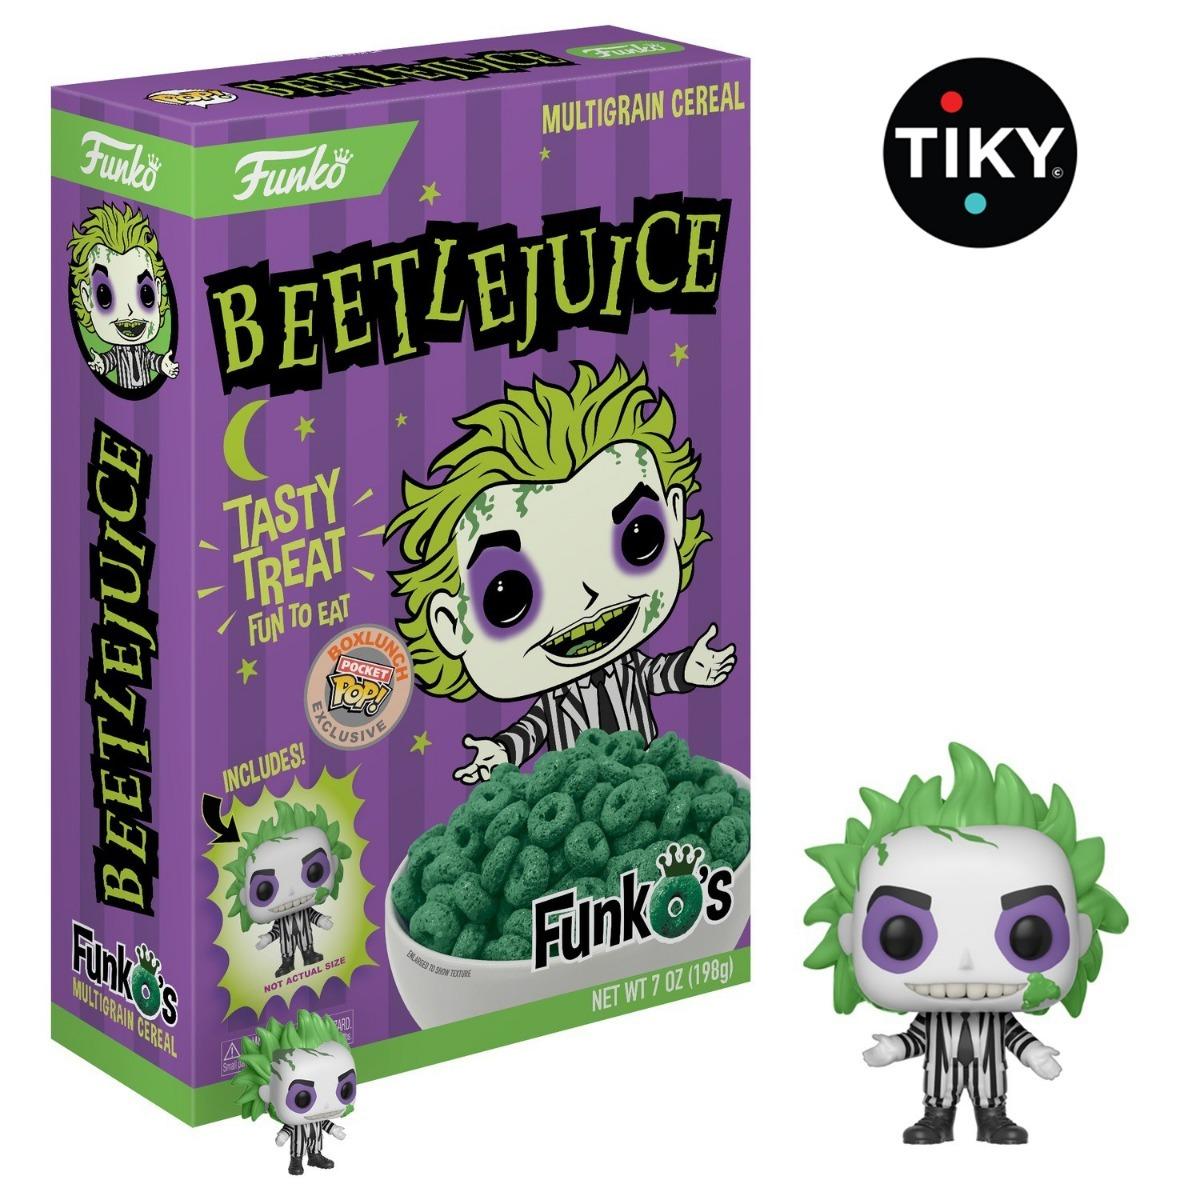 Funko Pop Cereal De Beetlejuice Exclusivo Funkos Pocket